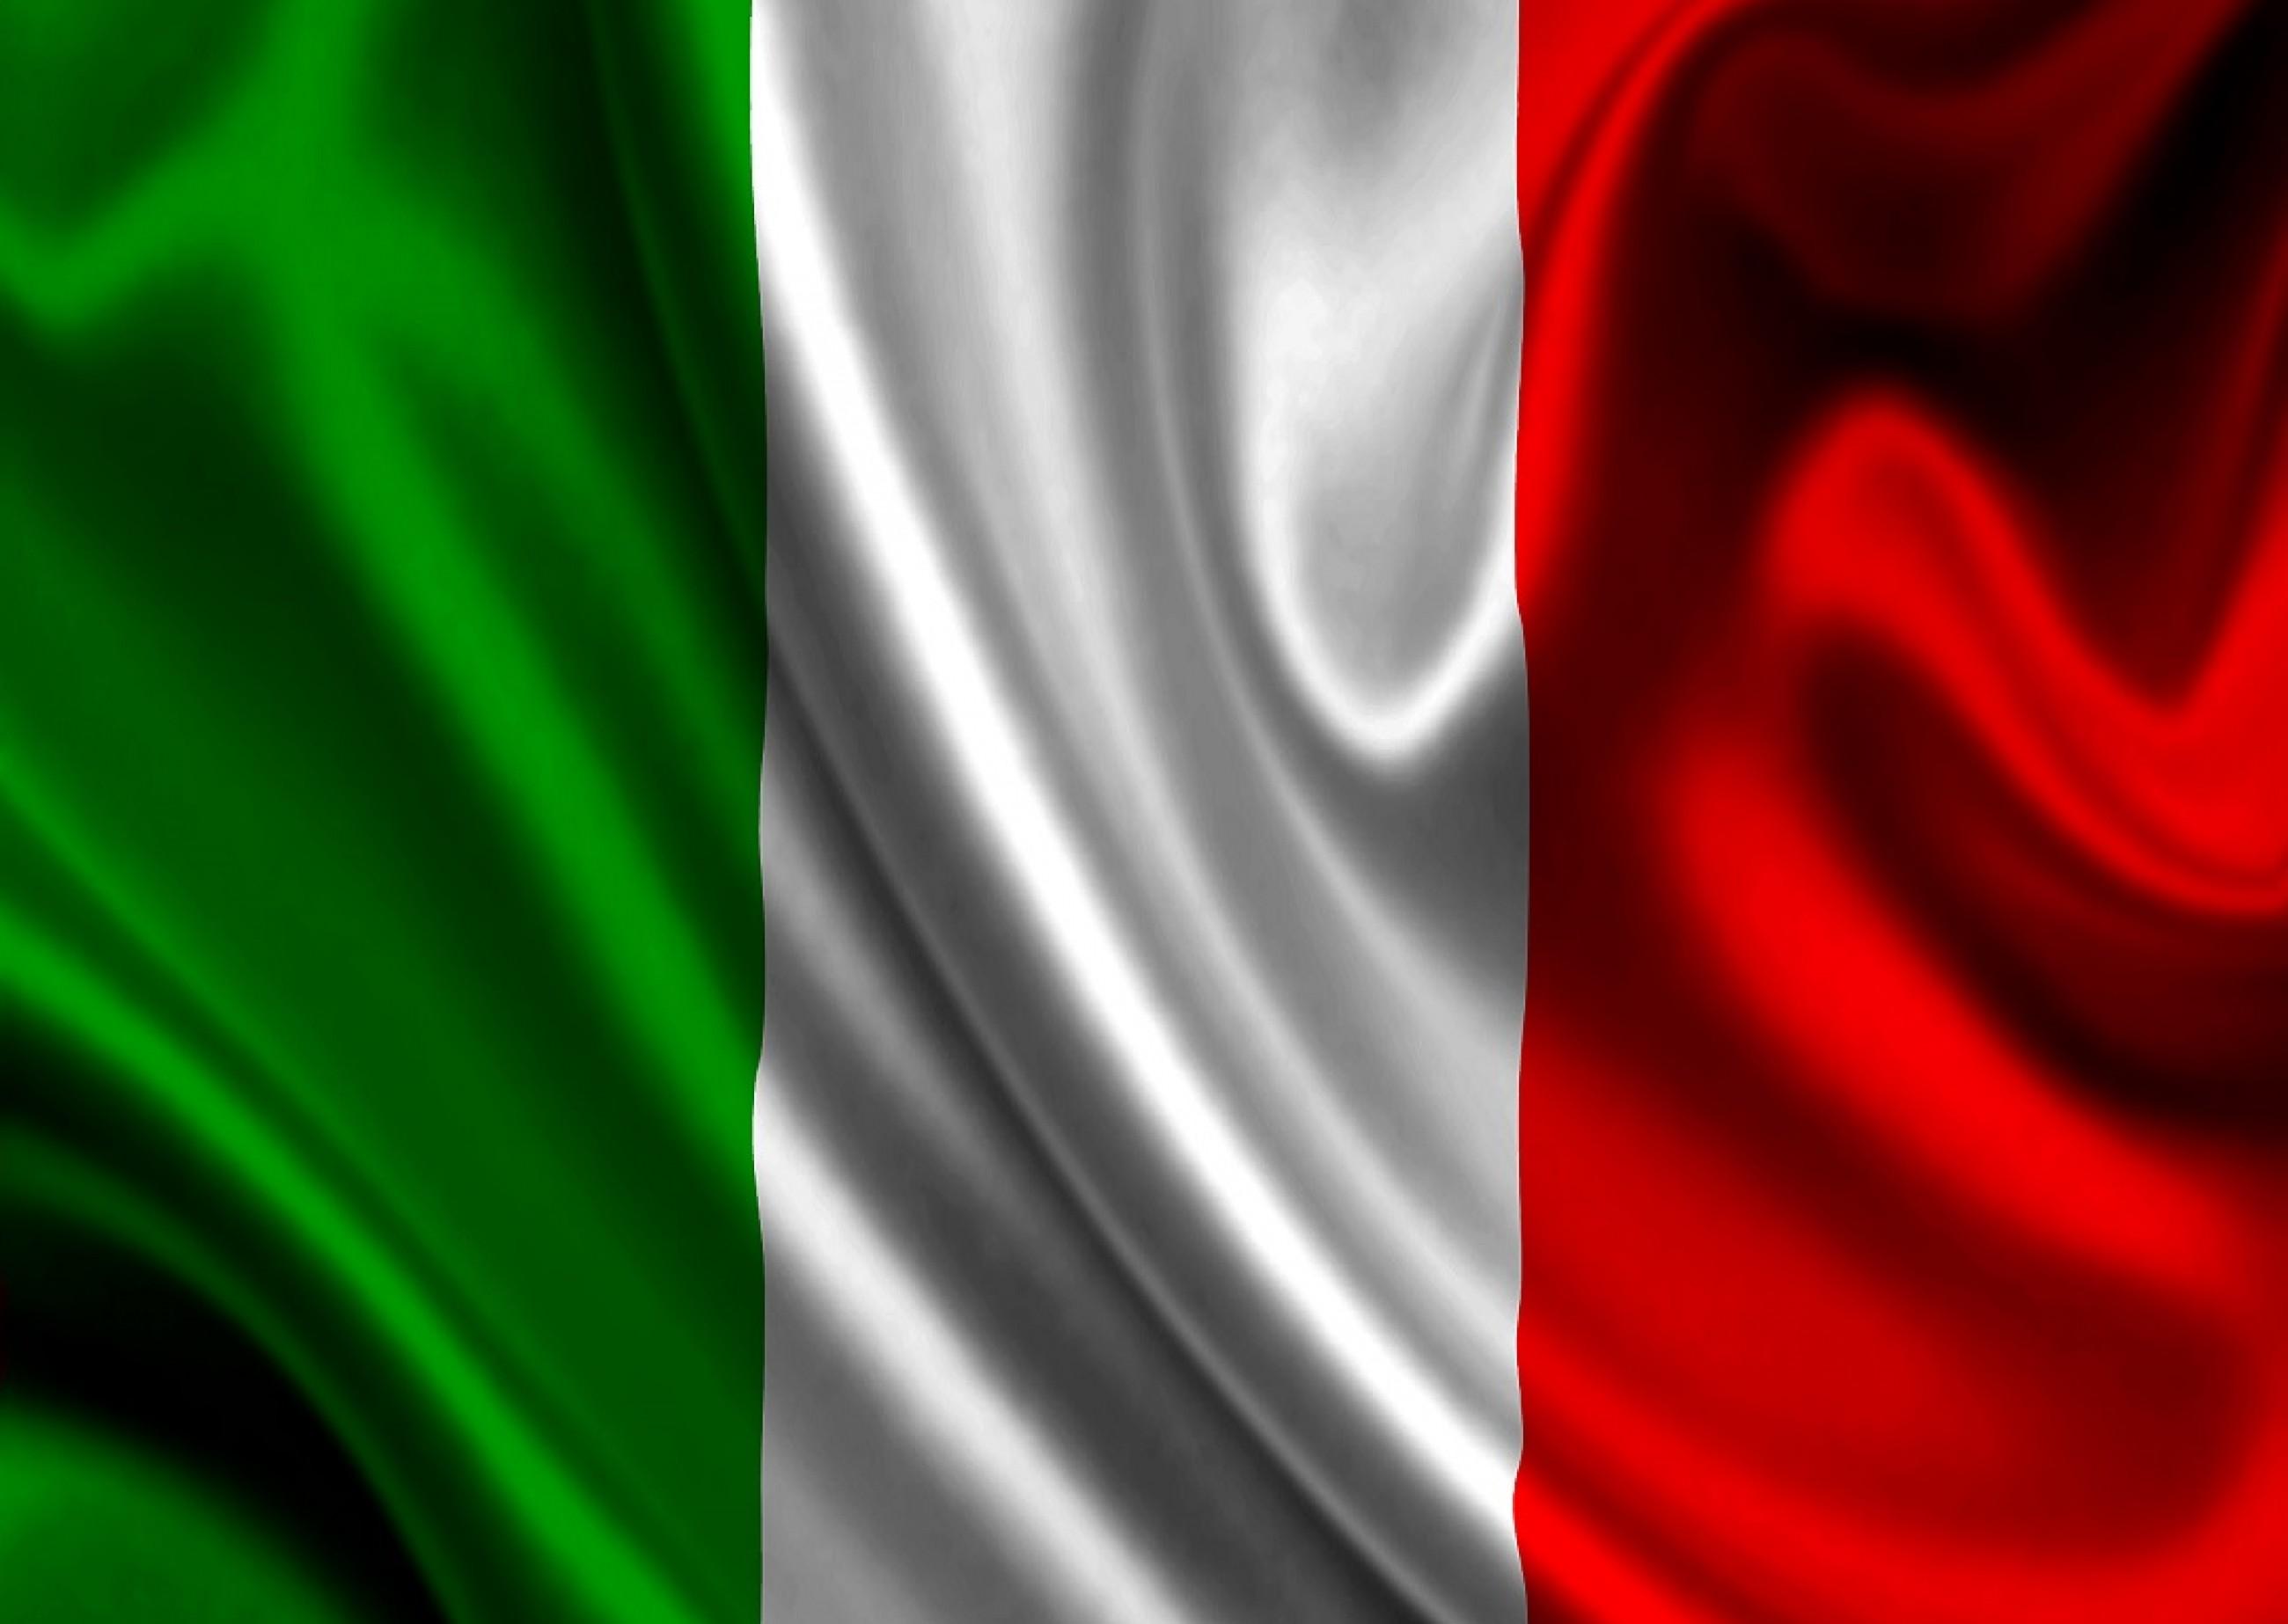 BANDIERA-ITALIA12-2x1pwwtb7c7w9ti0g5msqo